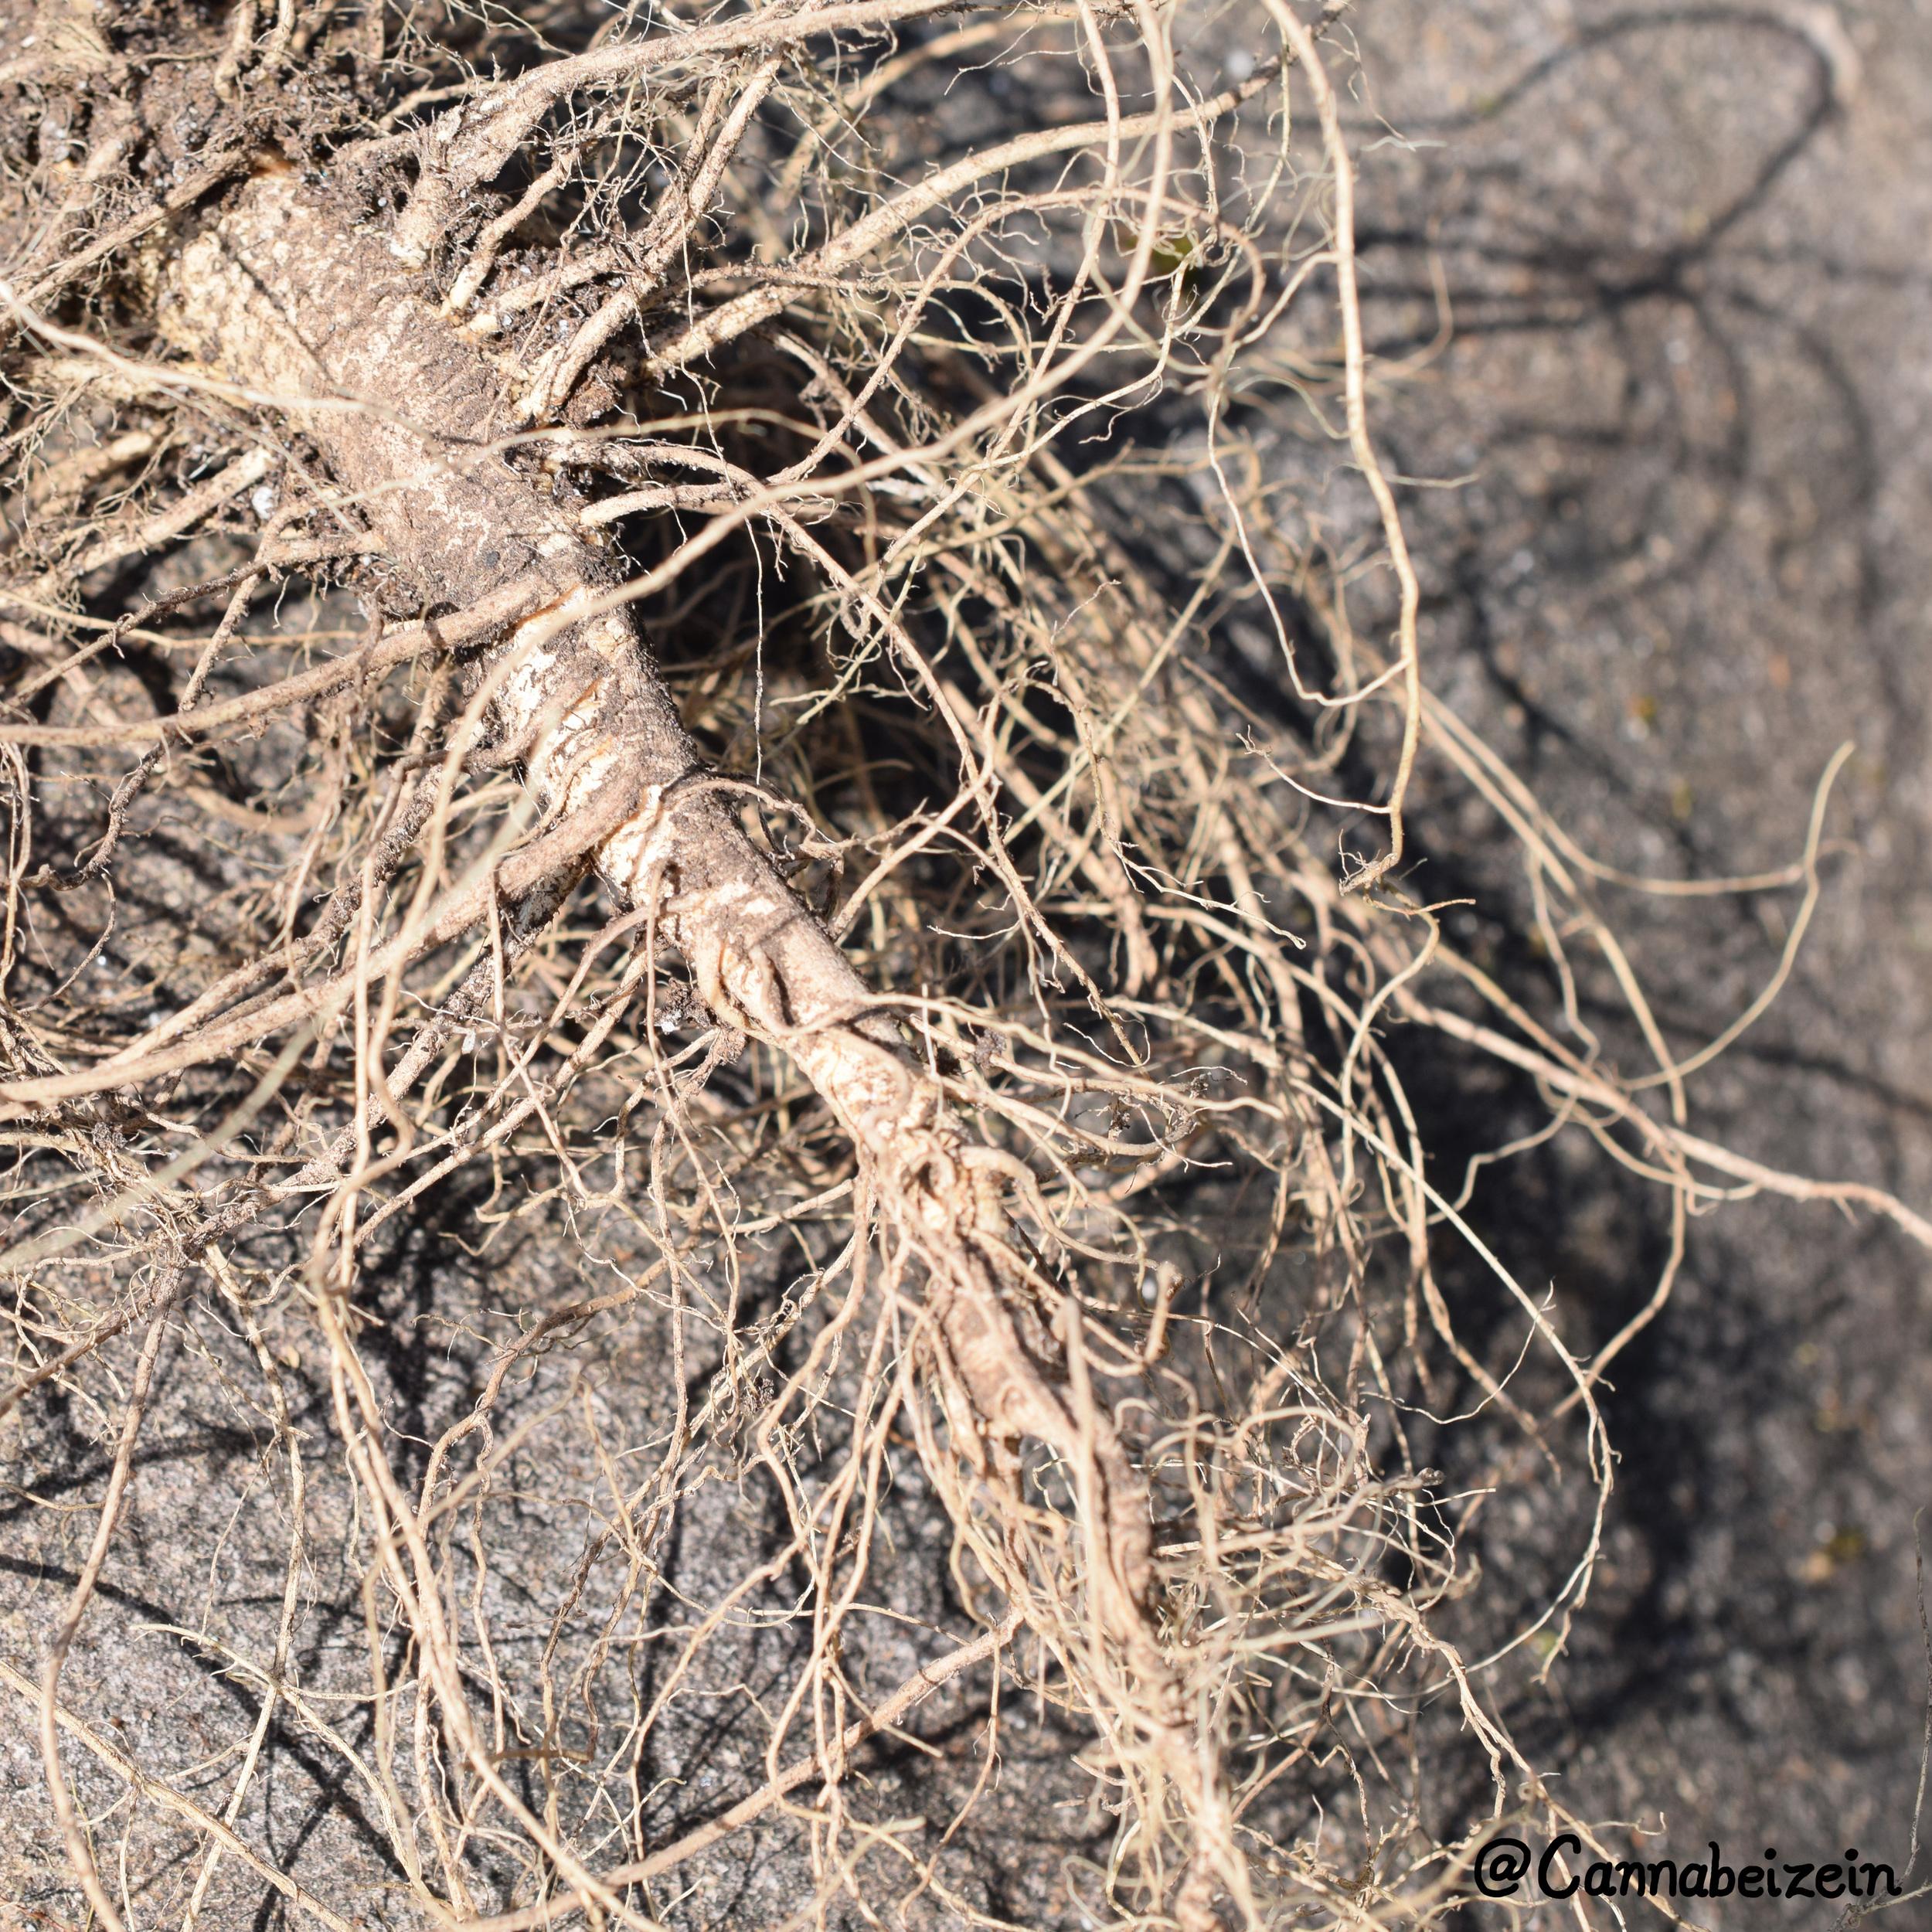 Cannabeizein 0179 - Chuy Roots - DSC_0106.jpg